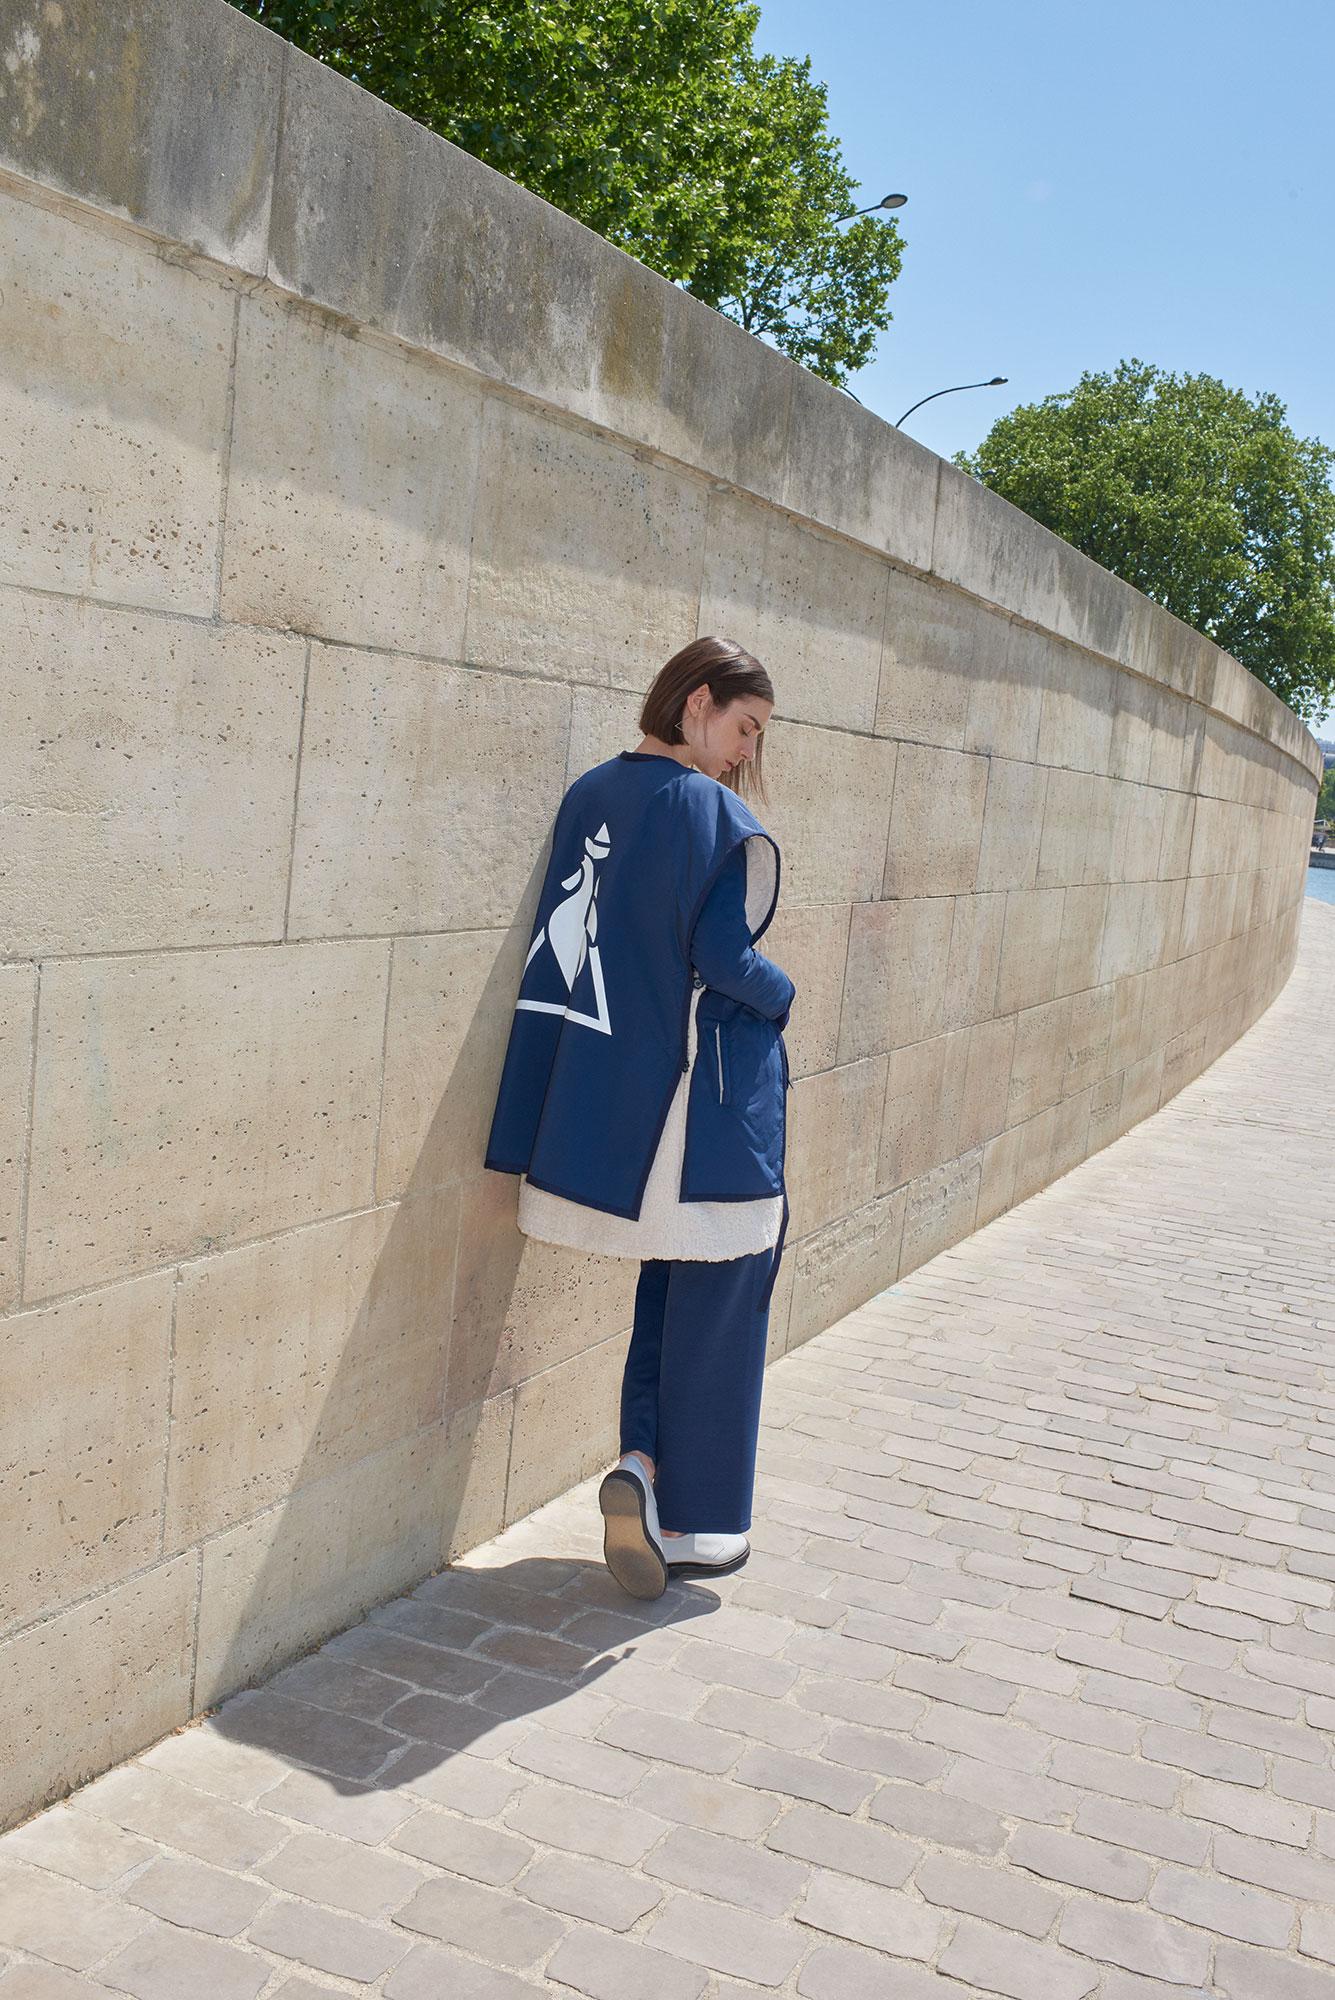 Le Coq Sportif x Nao Okawa 2018 | Marco Pietracupa | Le Coq Sportif | Numerique Retouch Photo Retouching Studio